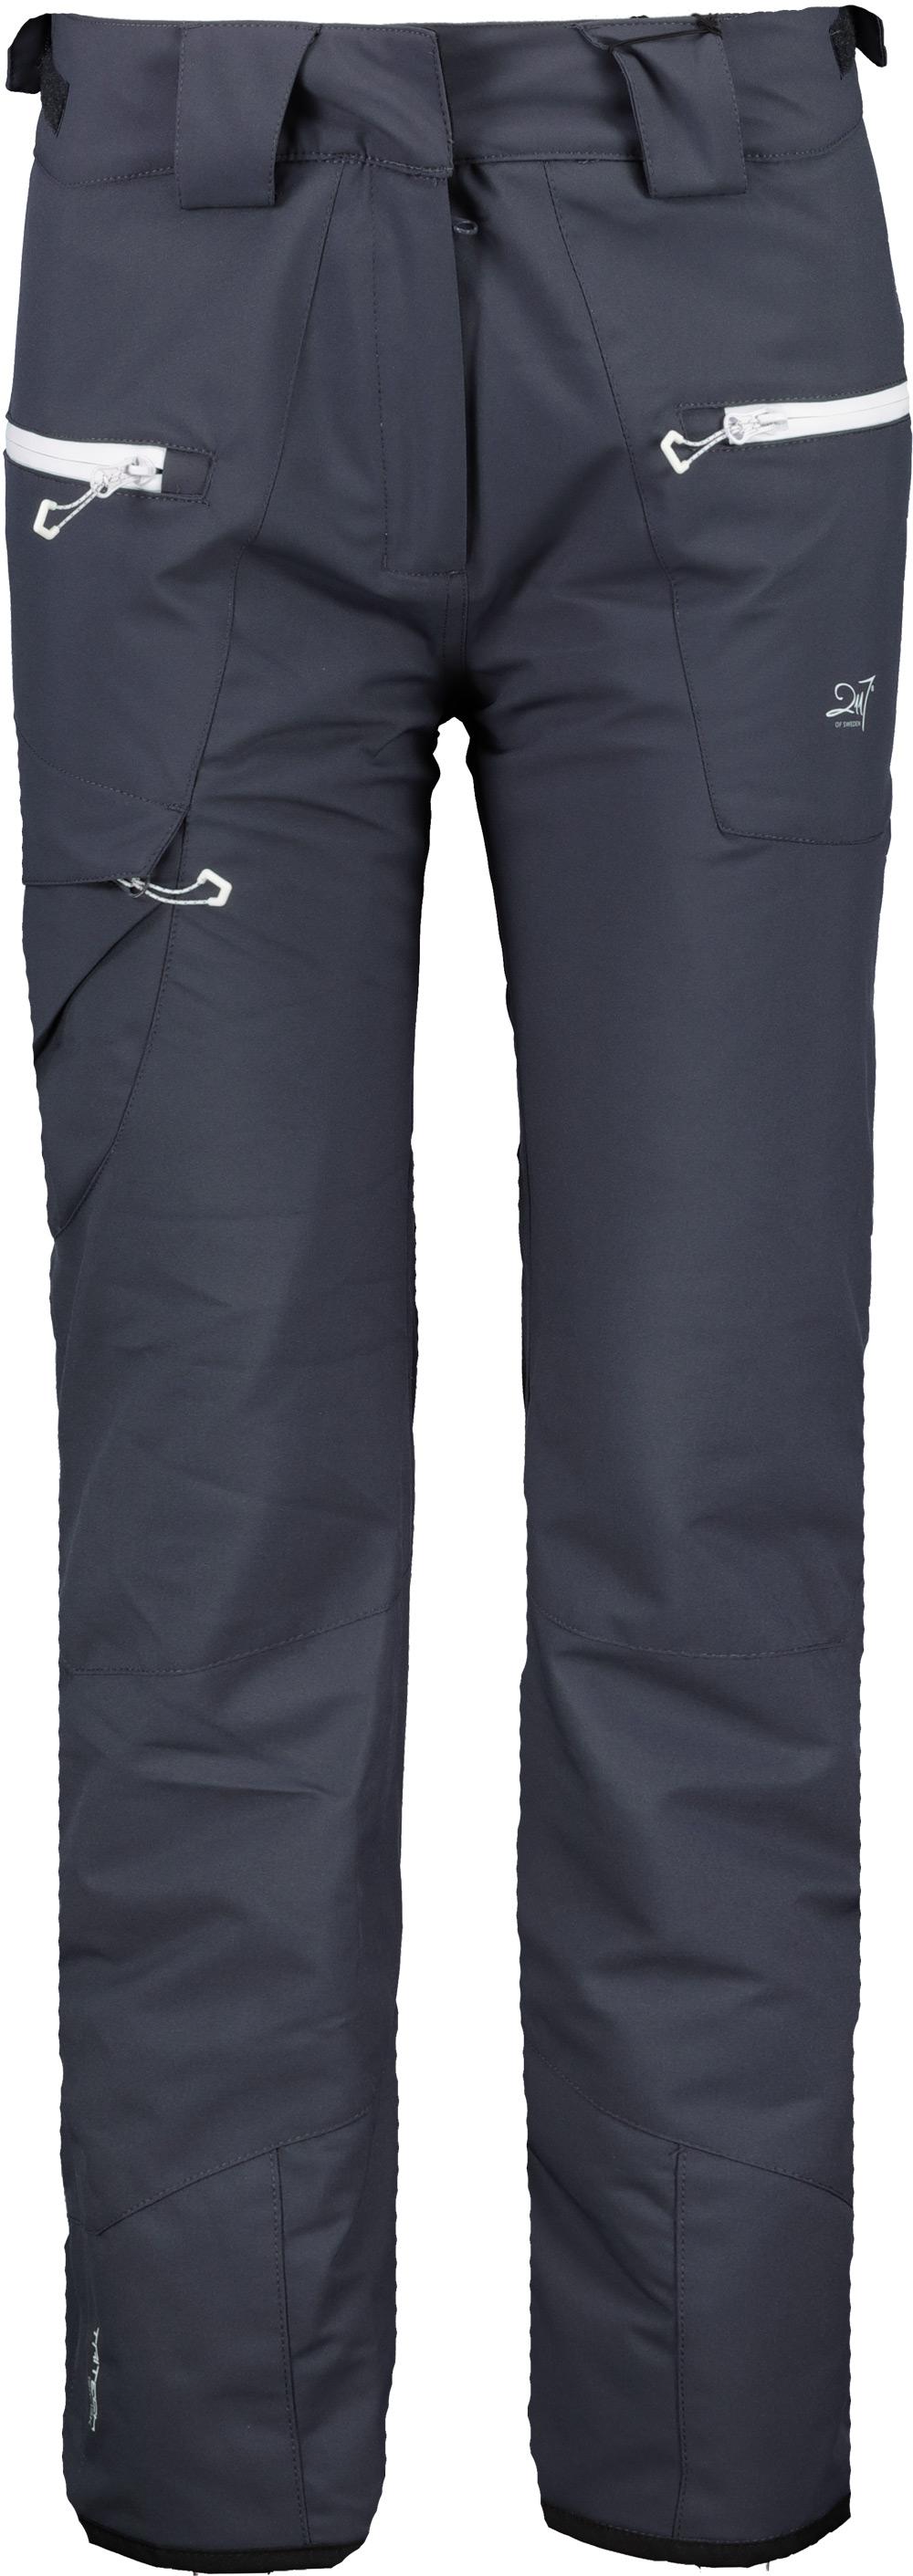 Nohavice lyžiarské dámske 2117 GRYTNÄS